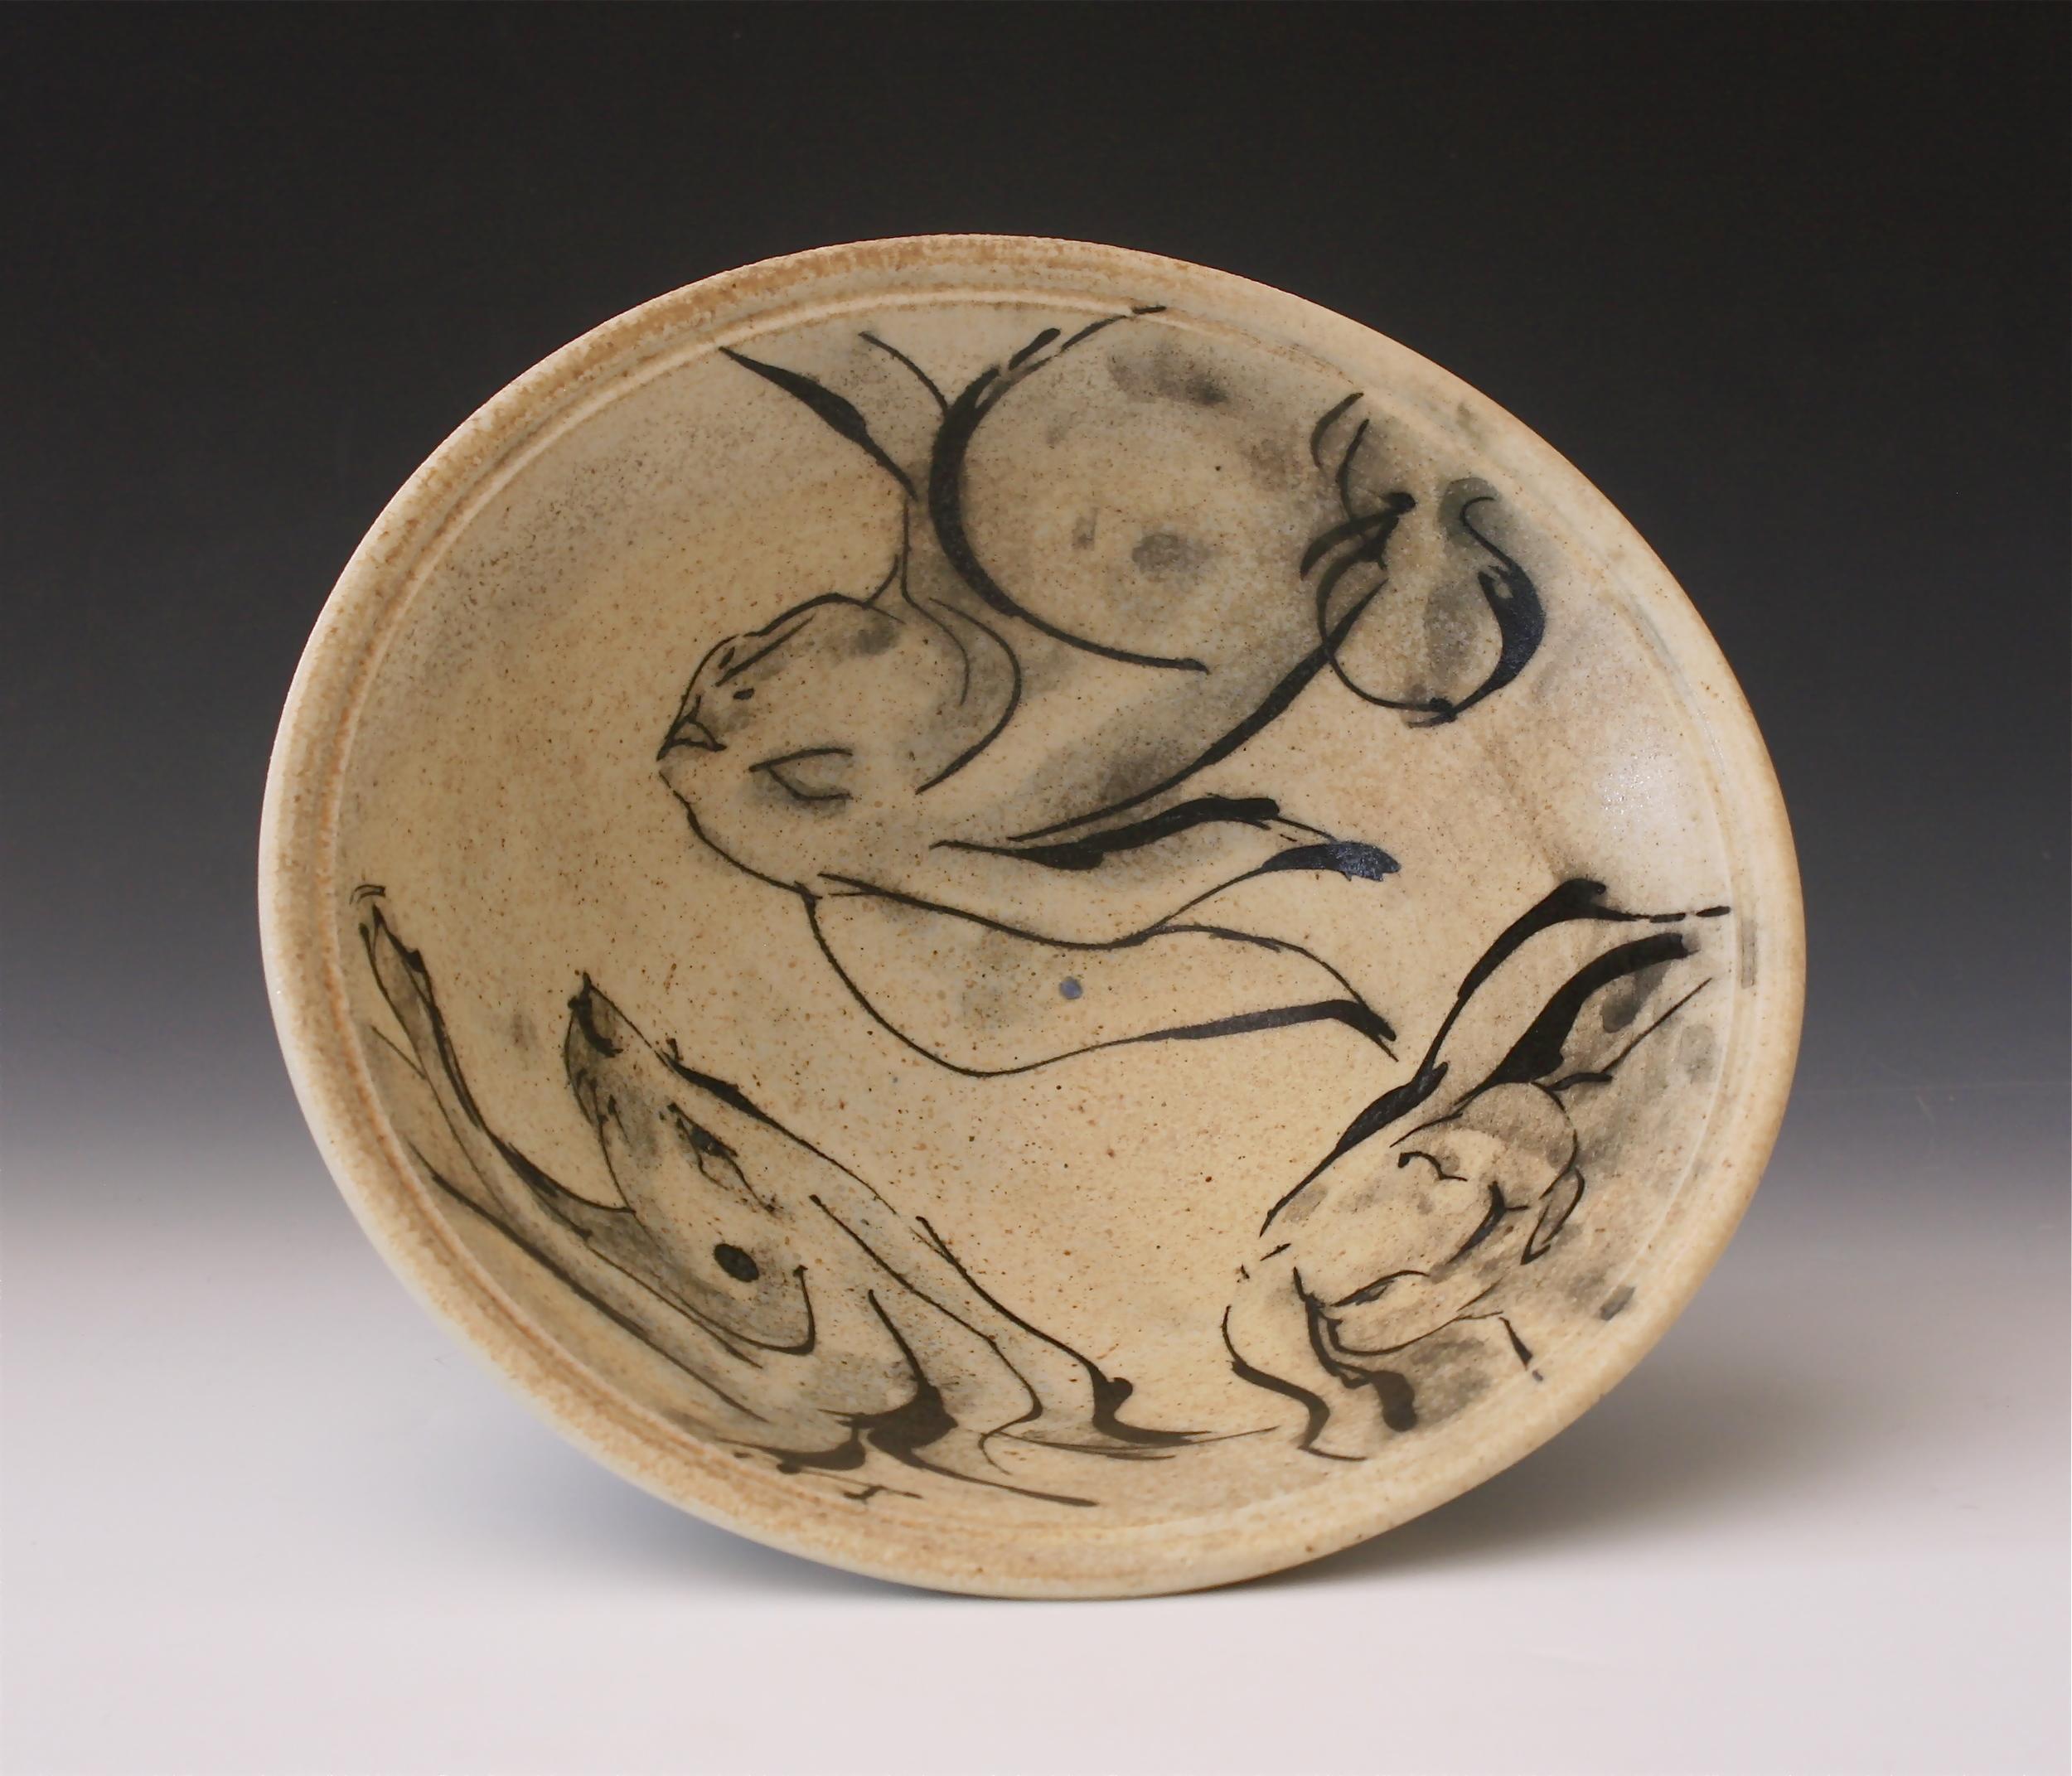 Medium Bunny Bowl